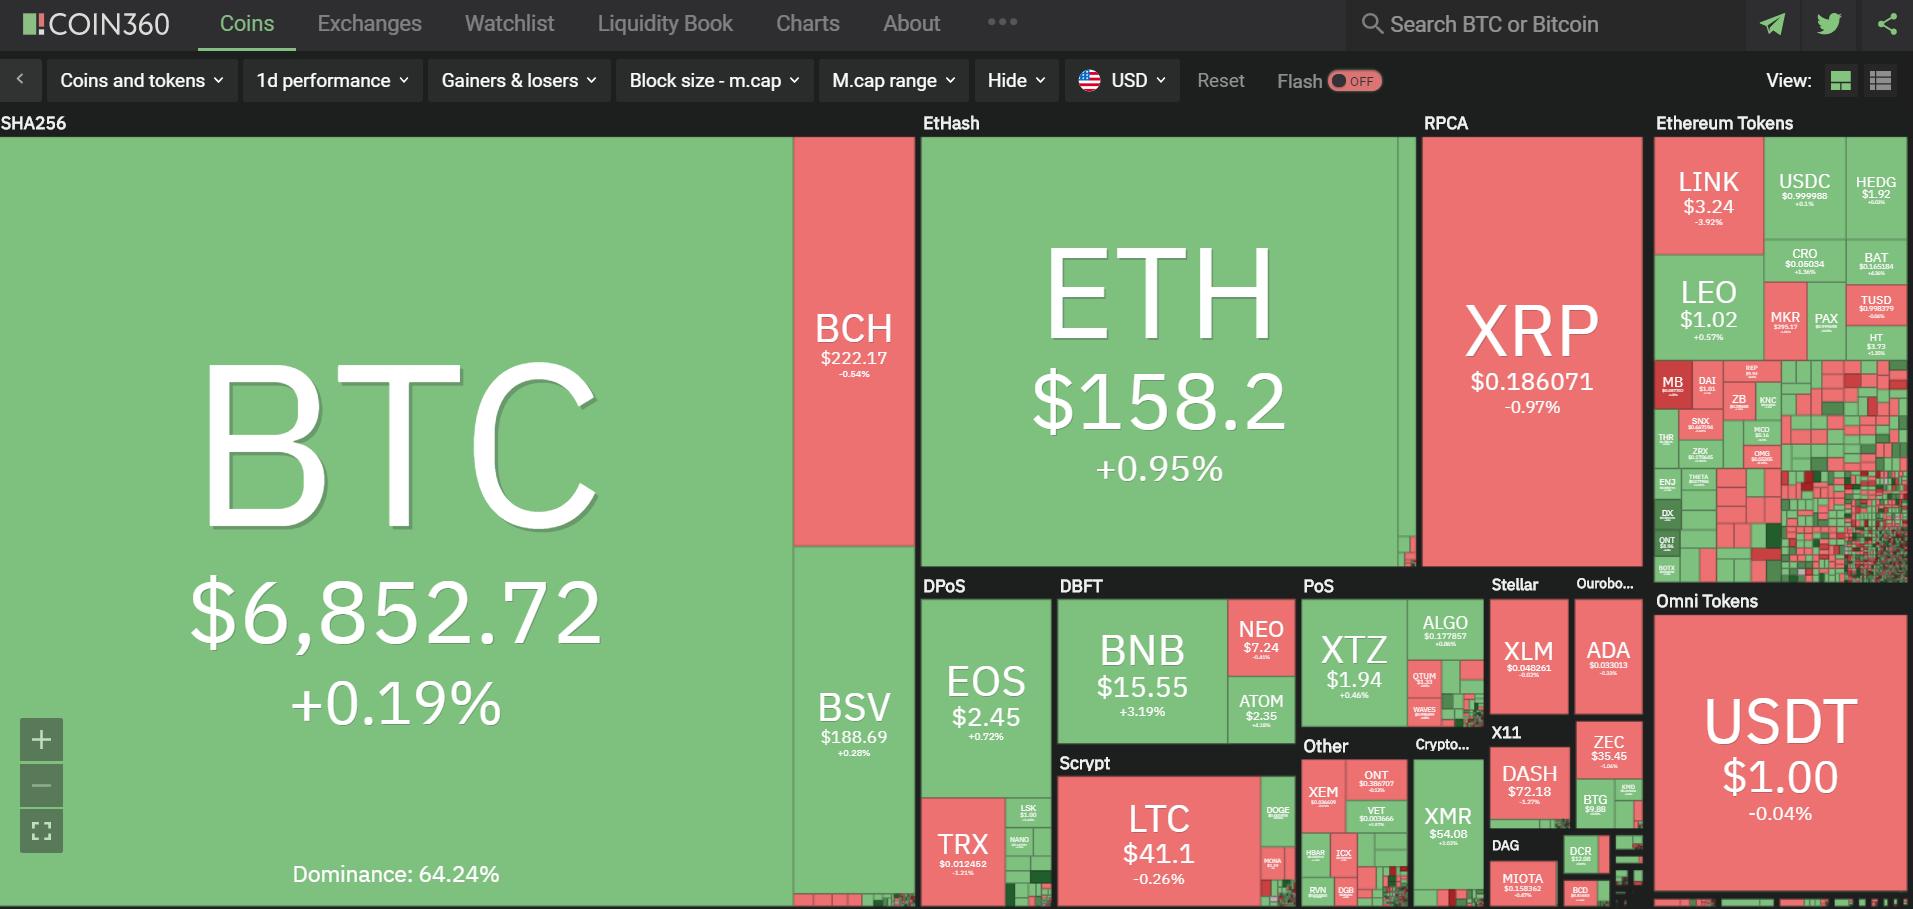 Toàn cảnh thị trường tiền kĩ thuật số hôm nay (15/4) (Nguồn: Coin360.com)